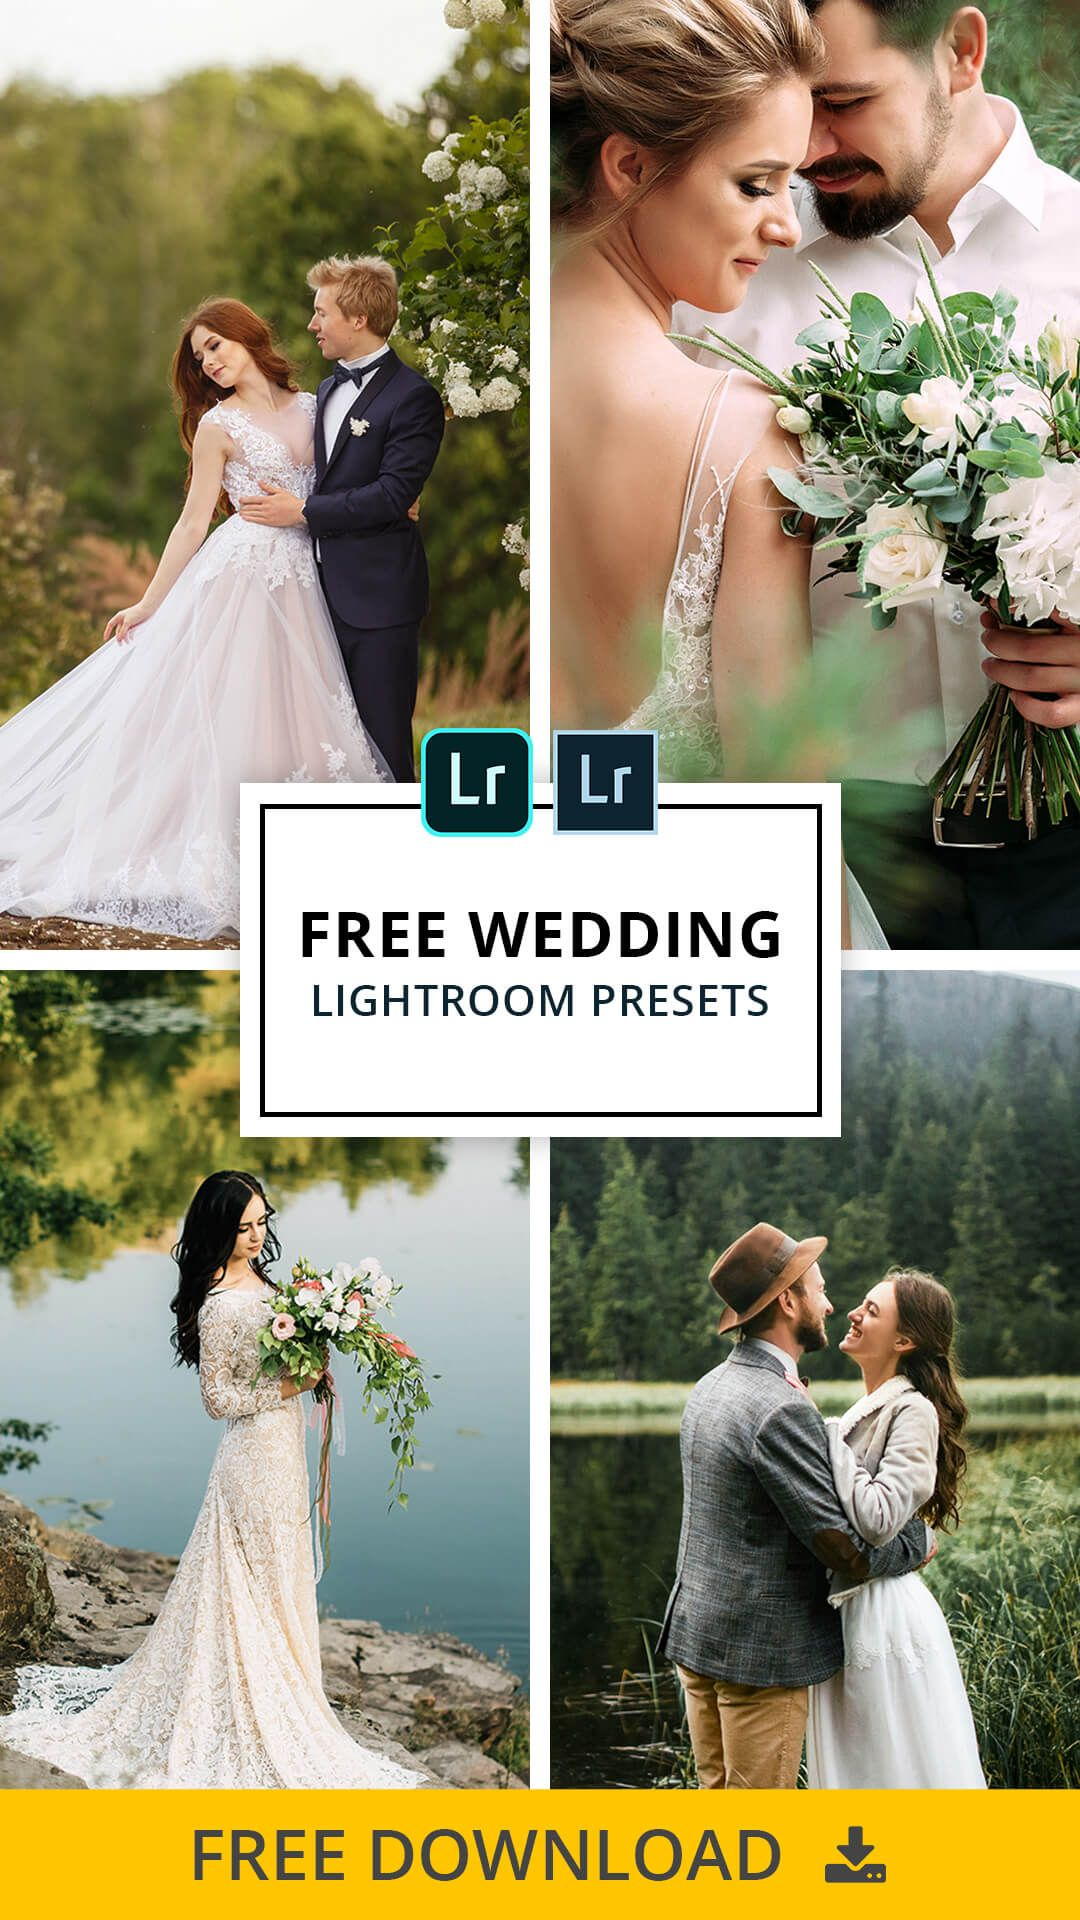 57 Free Wedding Lightroom Presets Ideas Lightroom Presets Lightroom Presets